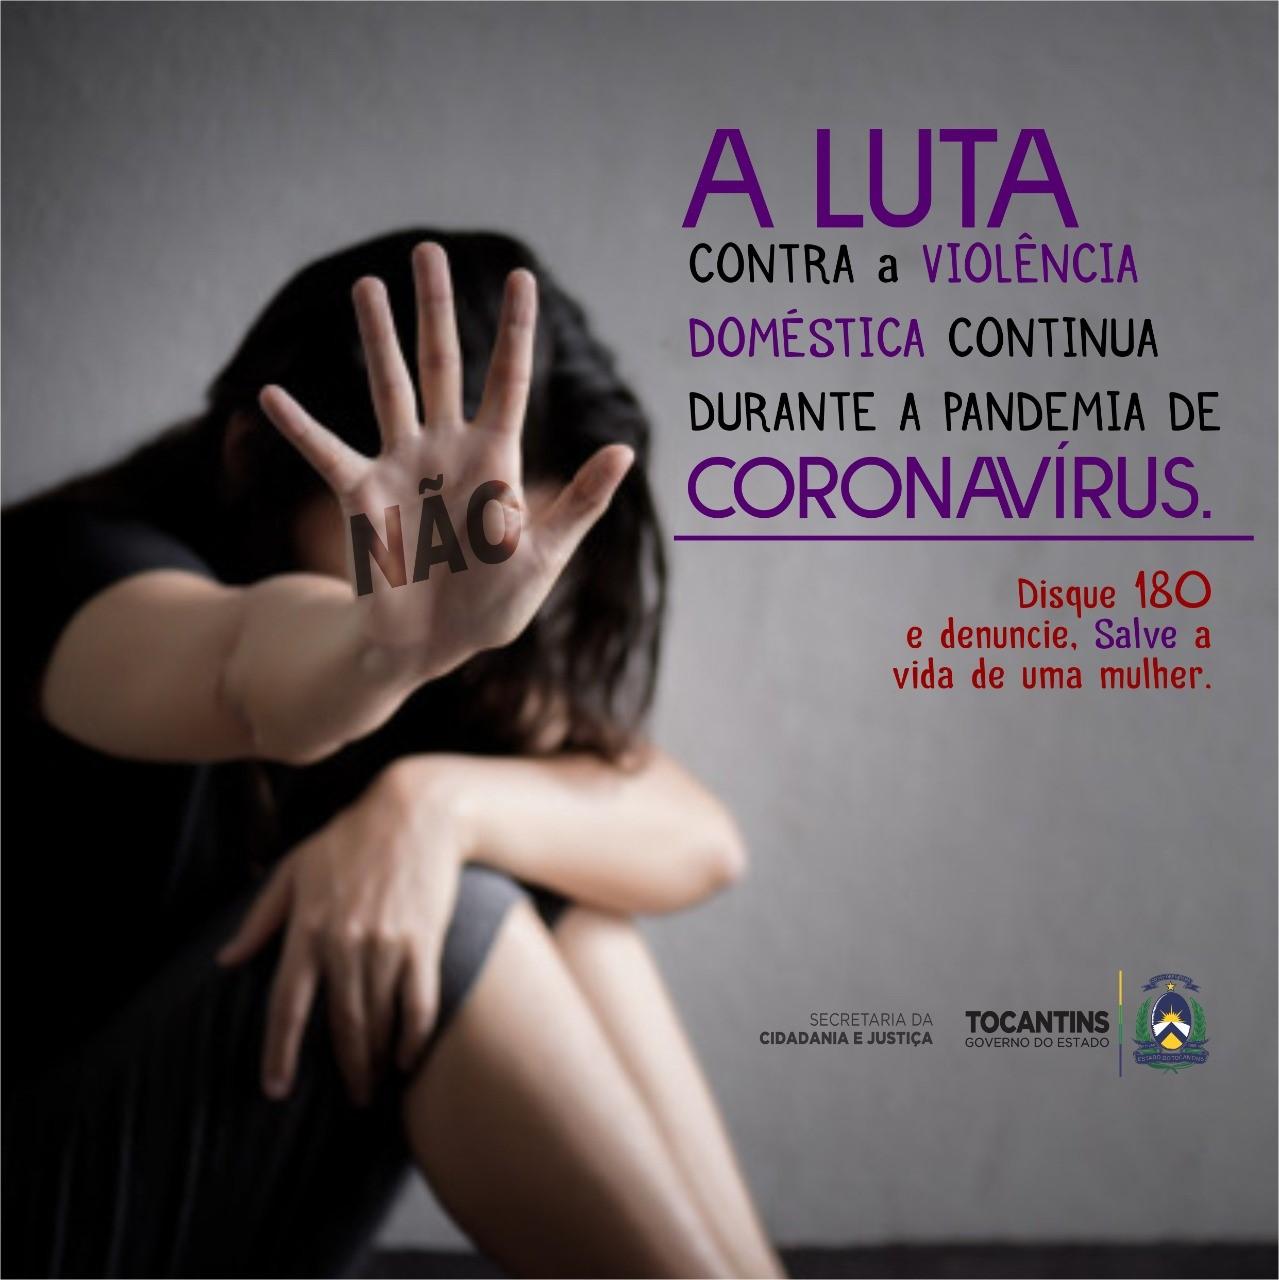 Cidadania e Justiça alerta para o aumento de violência doméstica contra as mulheres durante o isolamento social